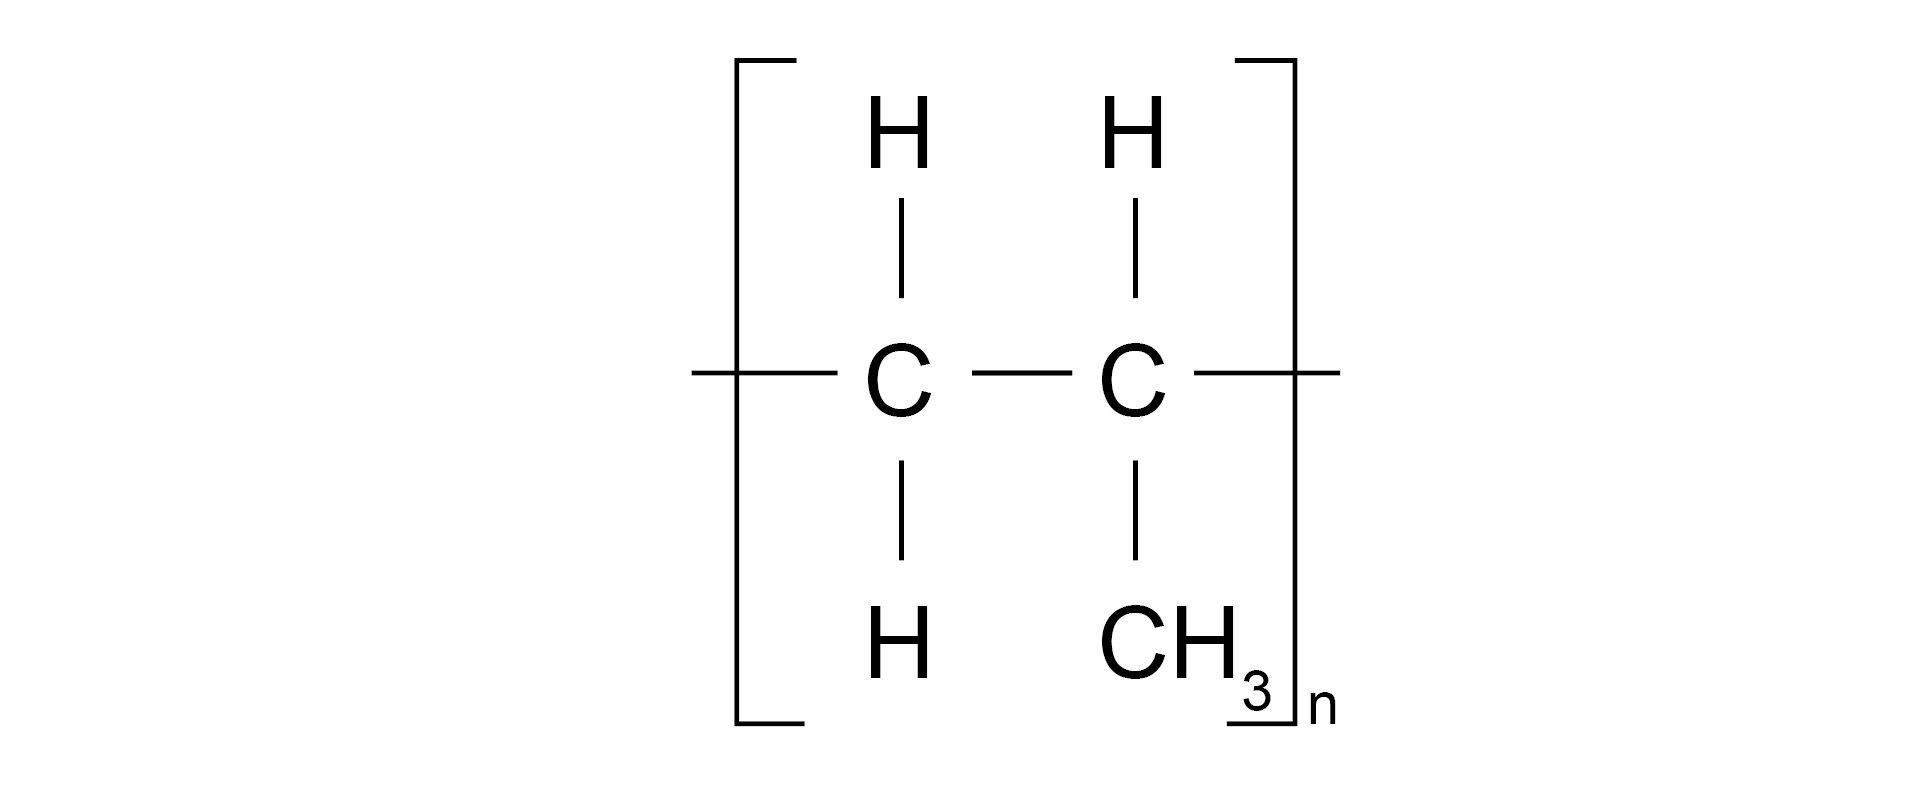 Ilustracja pokazuje wzór strukturalny polipropylenu.